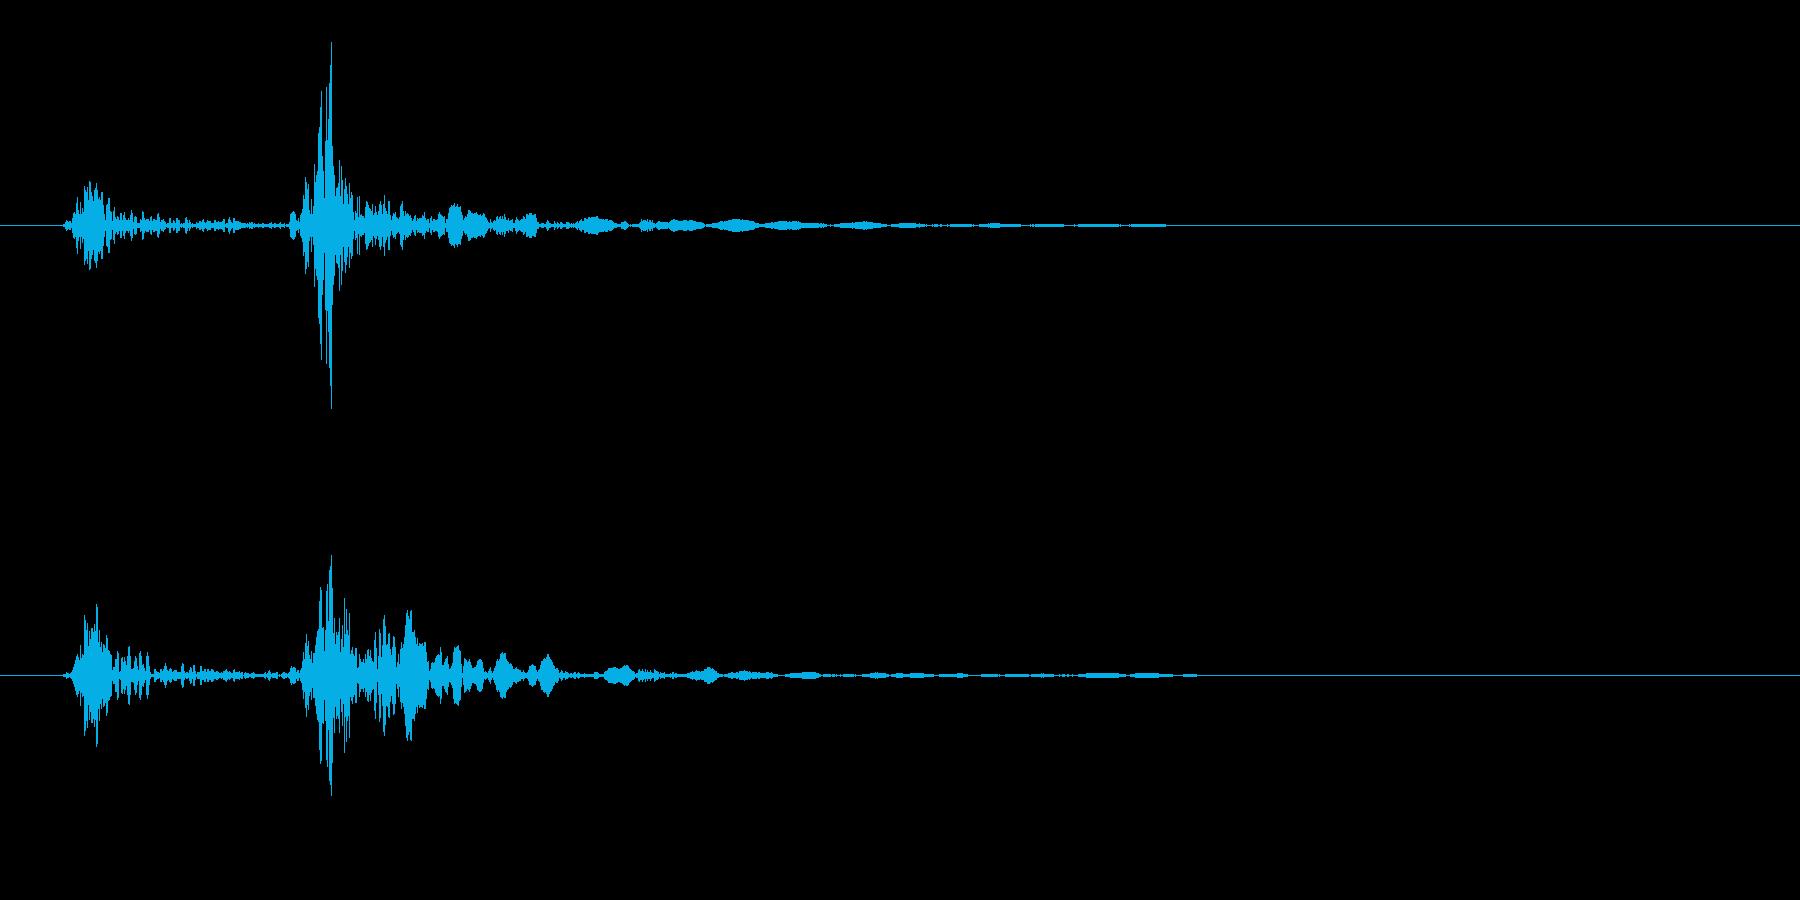 木製のドアを閉める音(エフェクト無し)の再生済みの波形